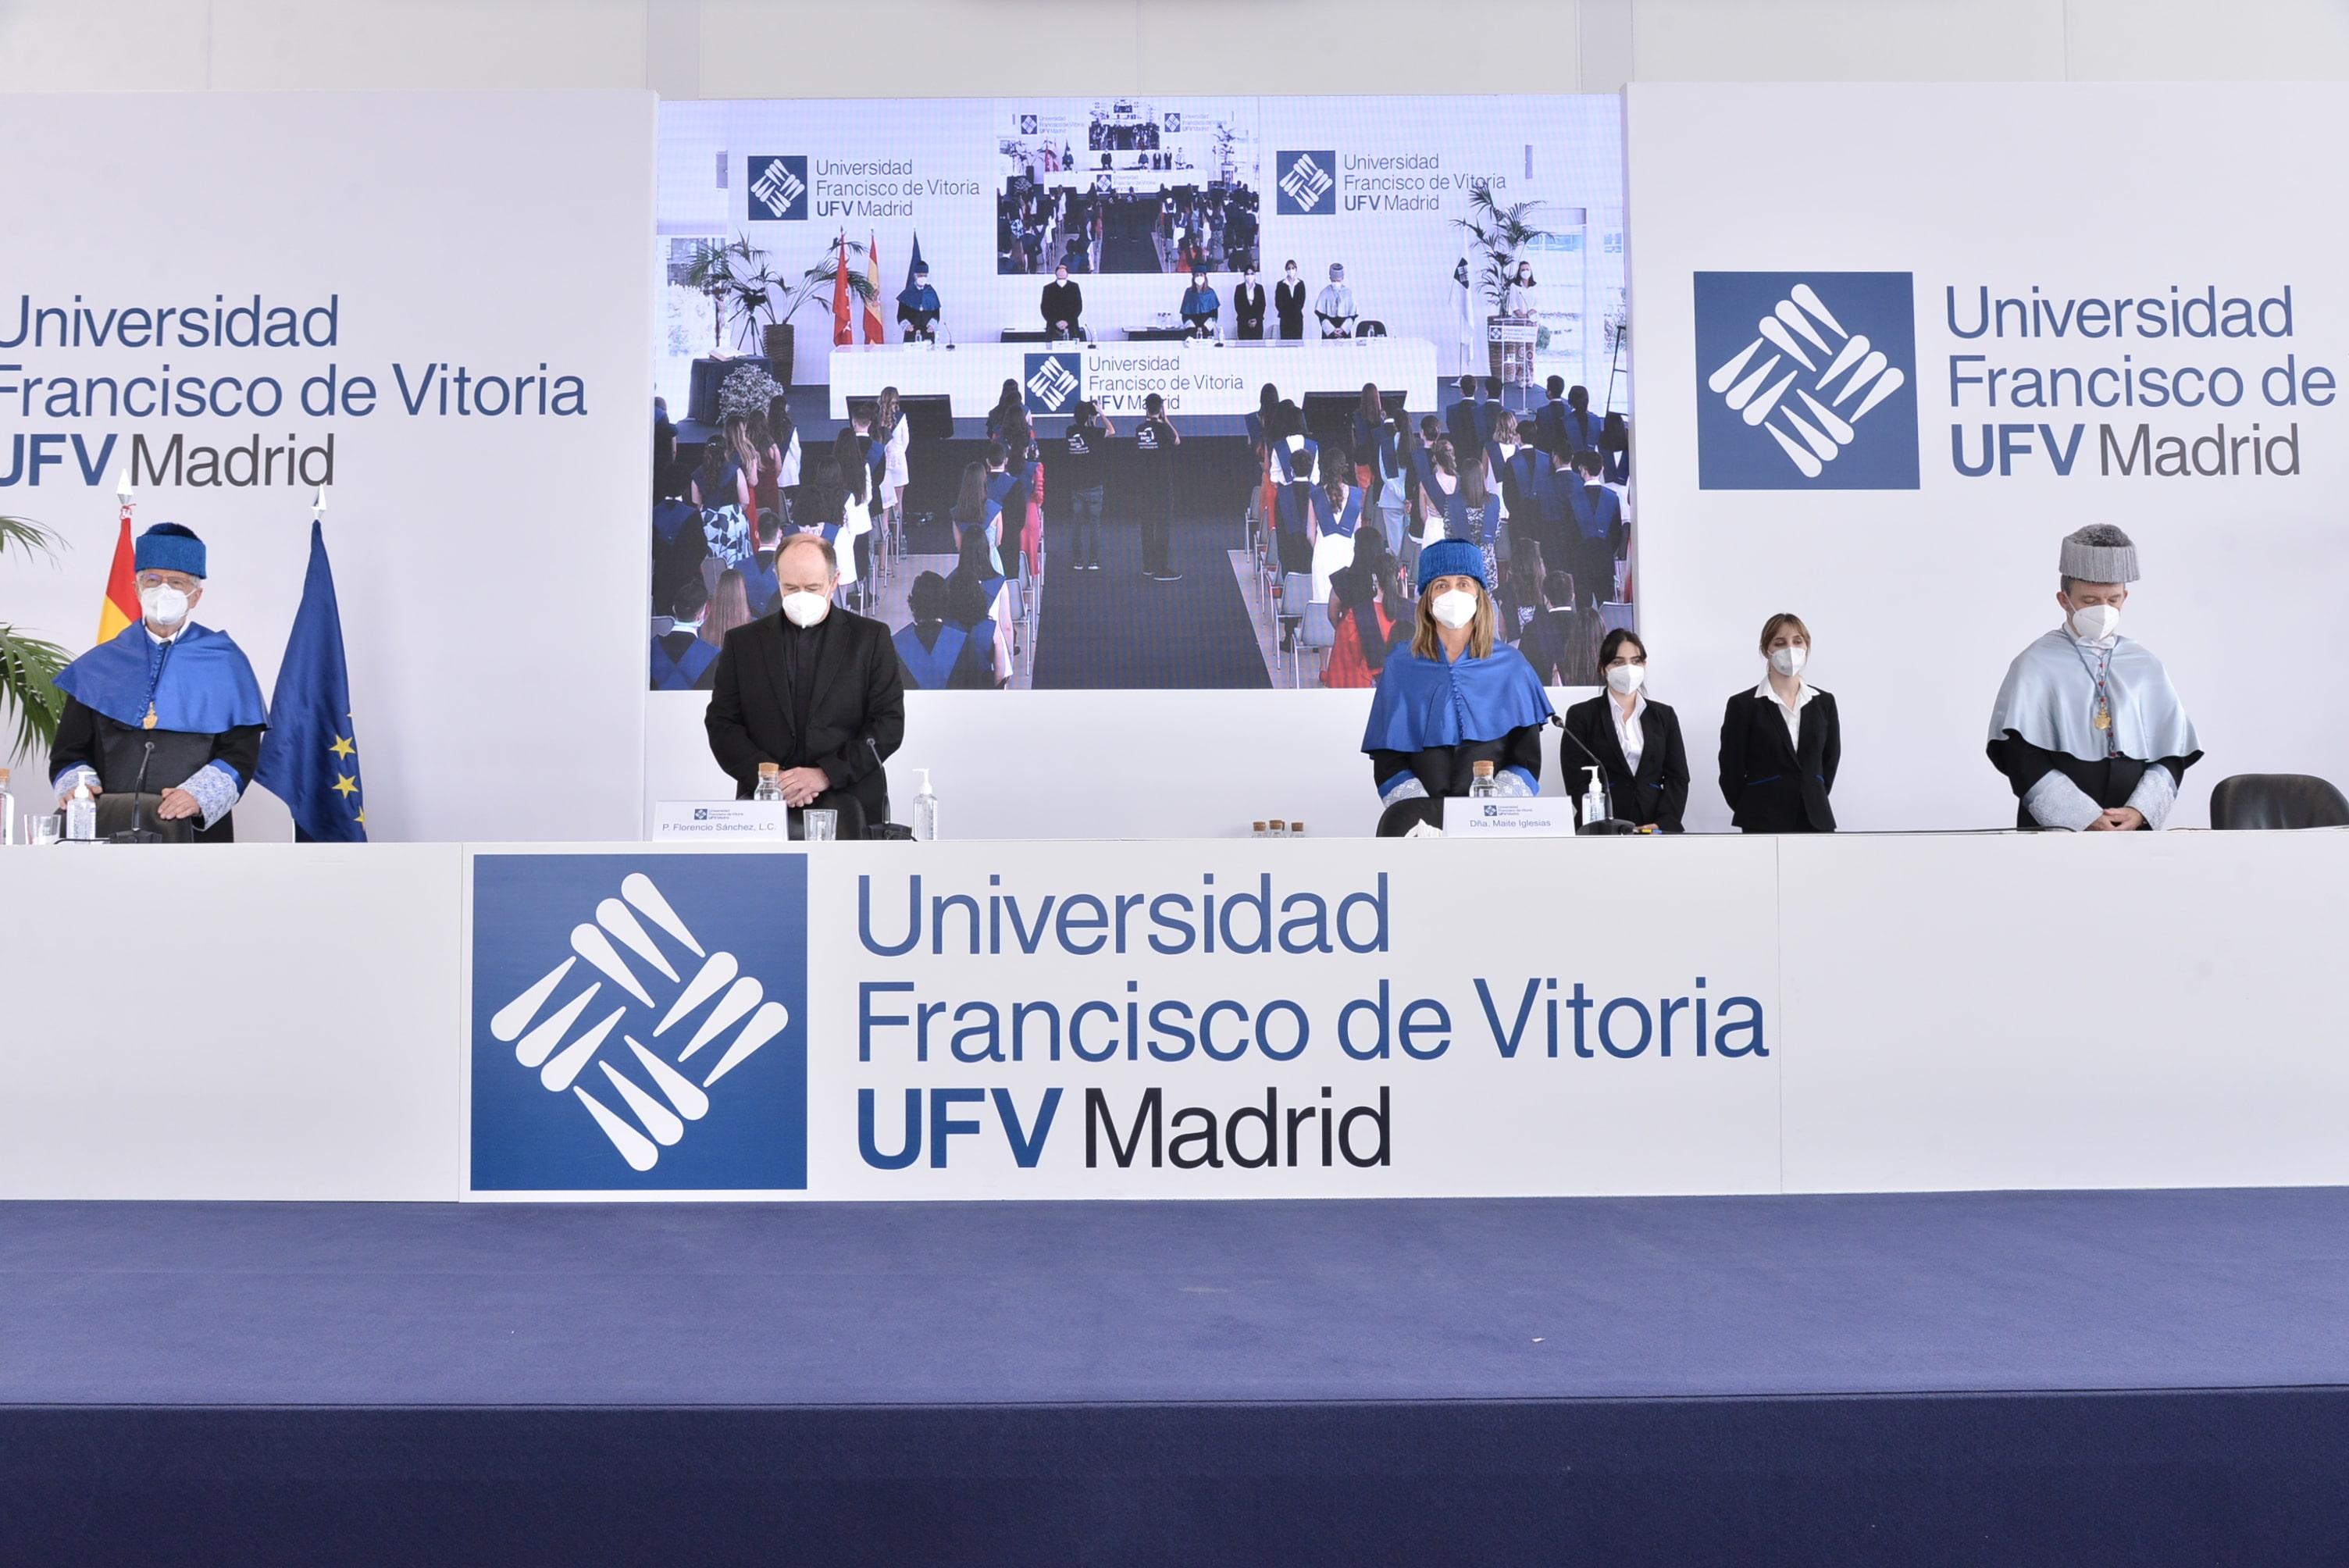 210705UFV 1072 min Actos académicos Estudiar en Universidad Privada Madrid